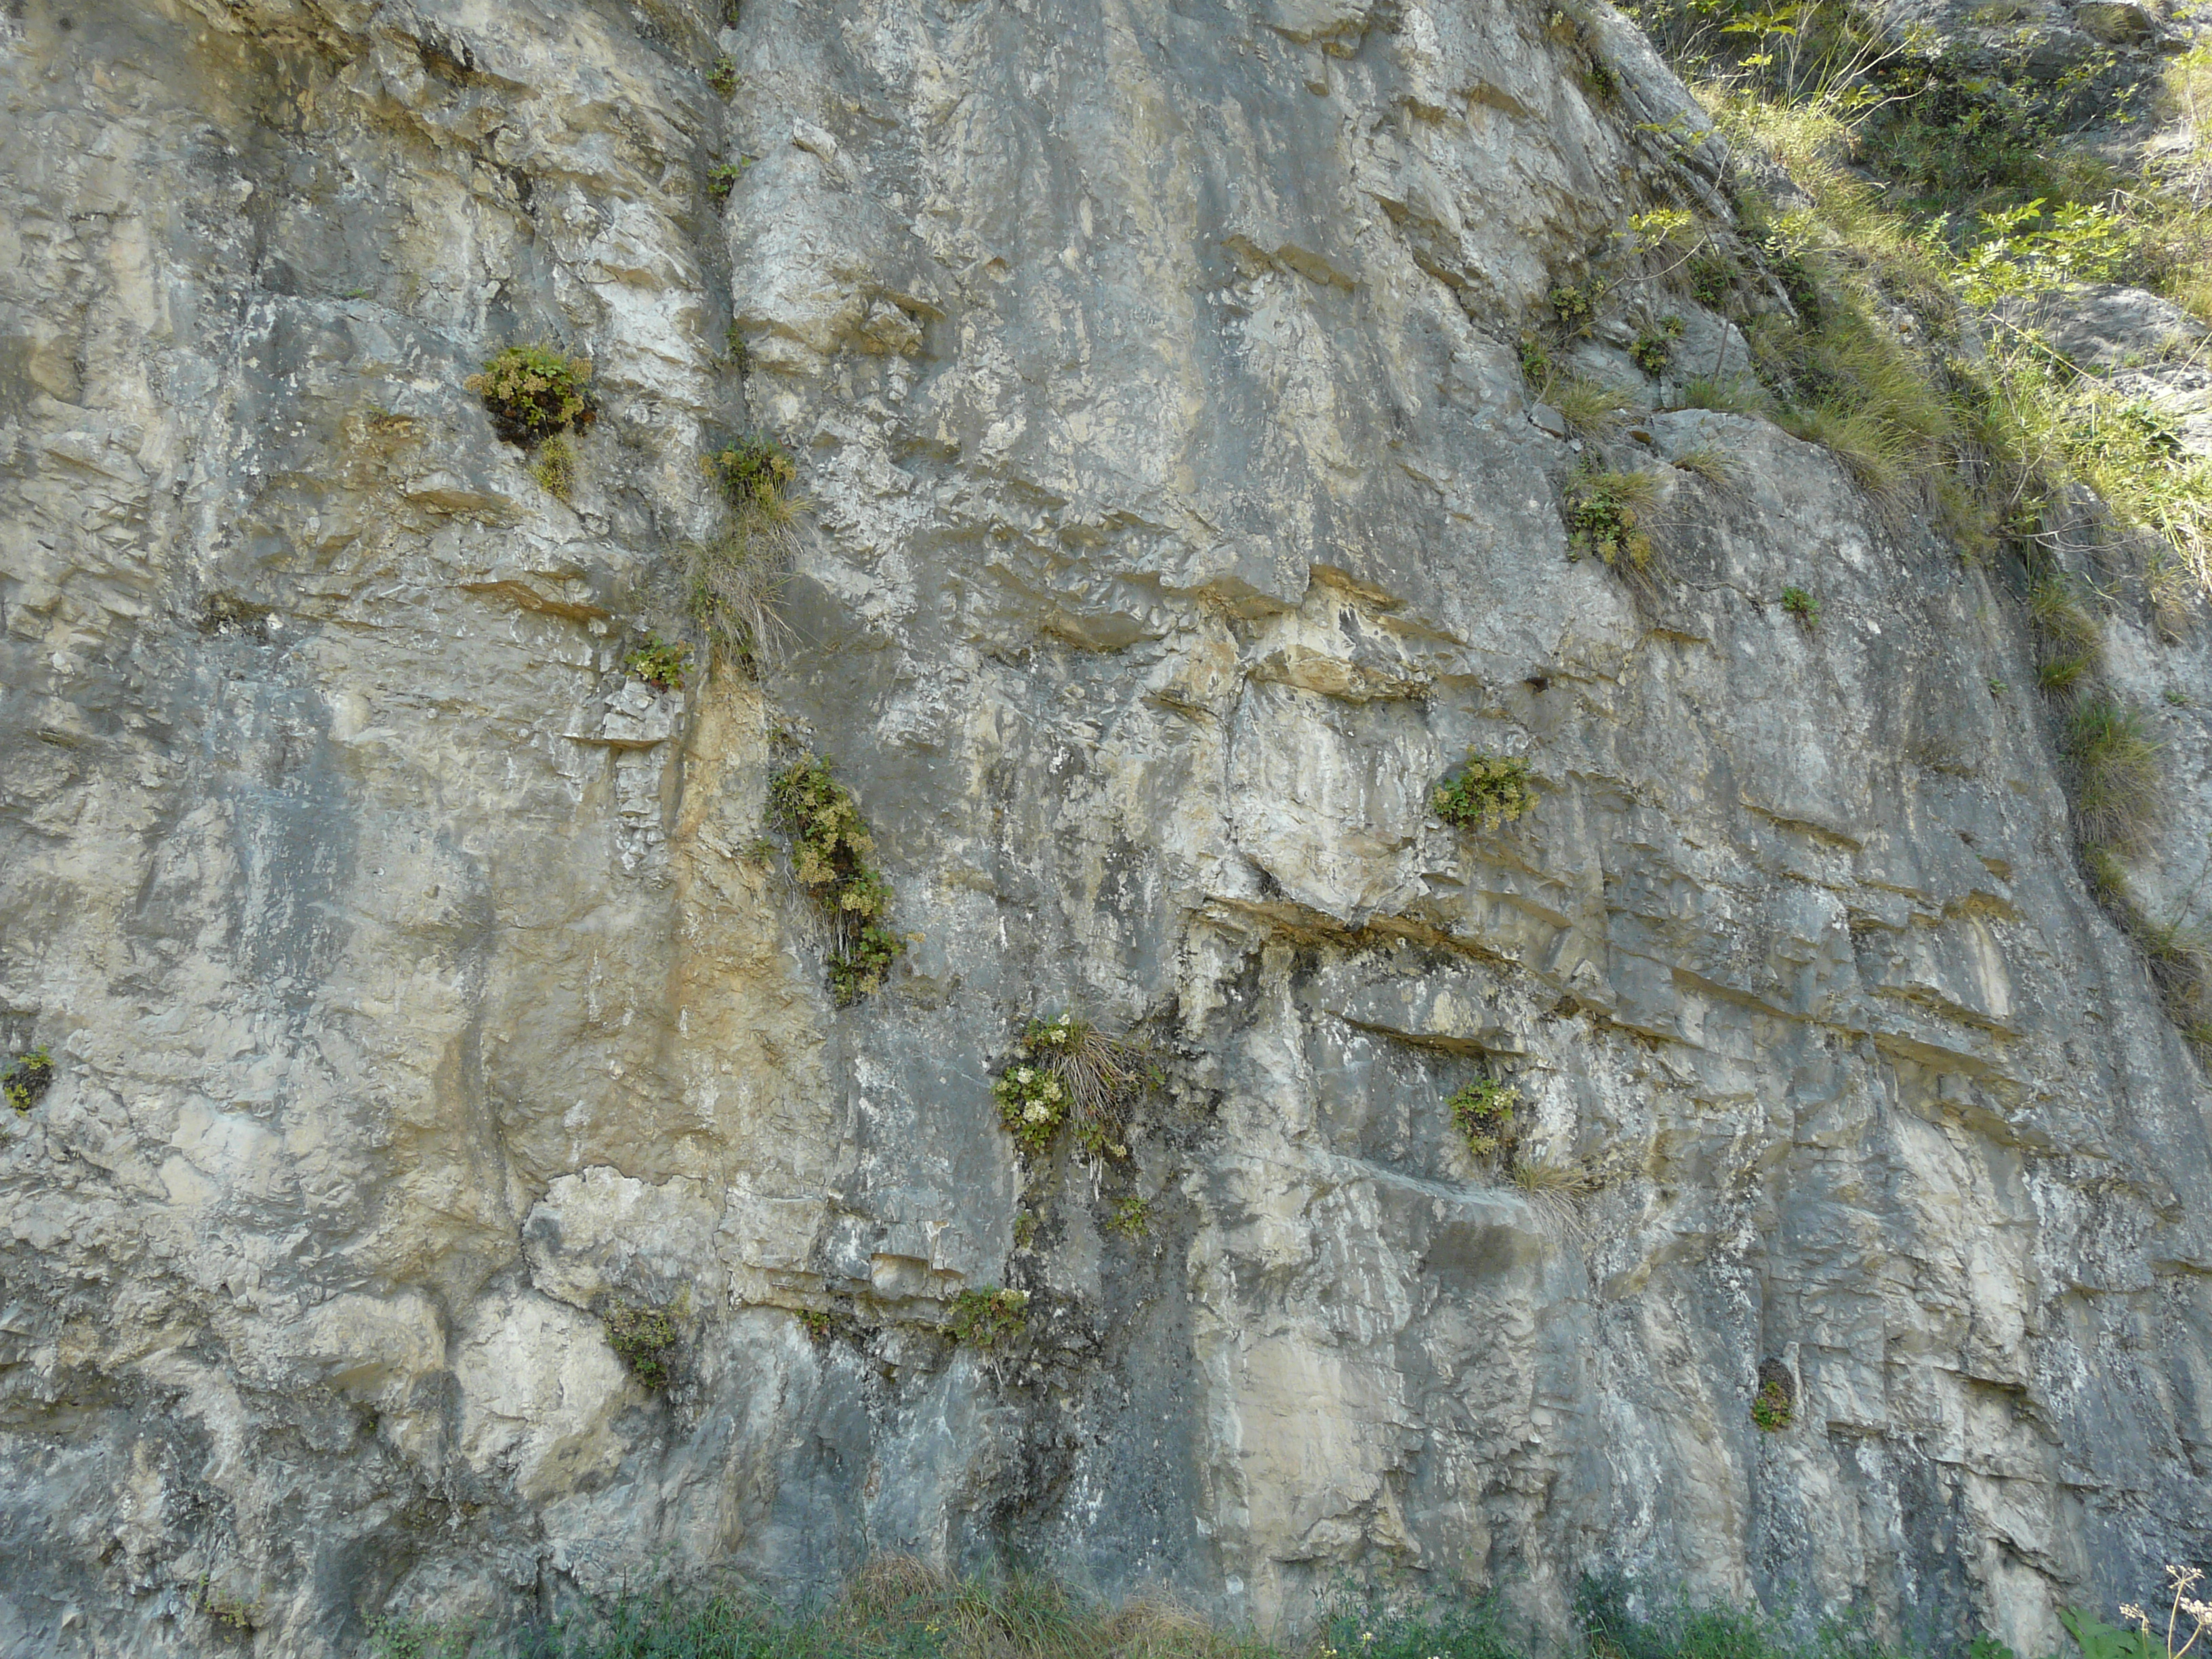 © Dipartimento di Scienze della Vita, Università di Trieste<br>by Andrea Moro<br>Comune di Riva del Garda, parete rocciosa lungo la strada del Ponale, TN, Trentino-Alto Adige/Südtirol, Italia, 24/08/2011<br>Distributed under CC-BY-SA 4.0 license.